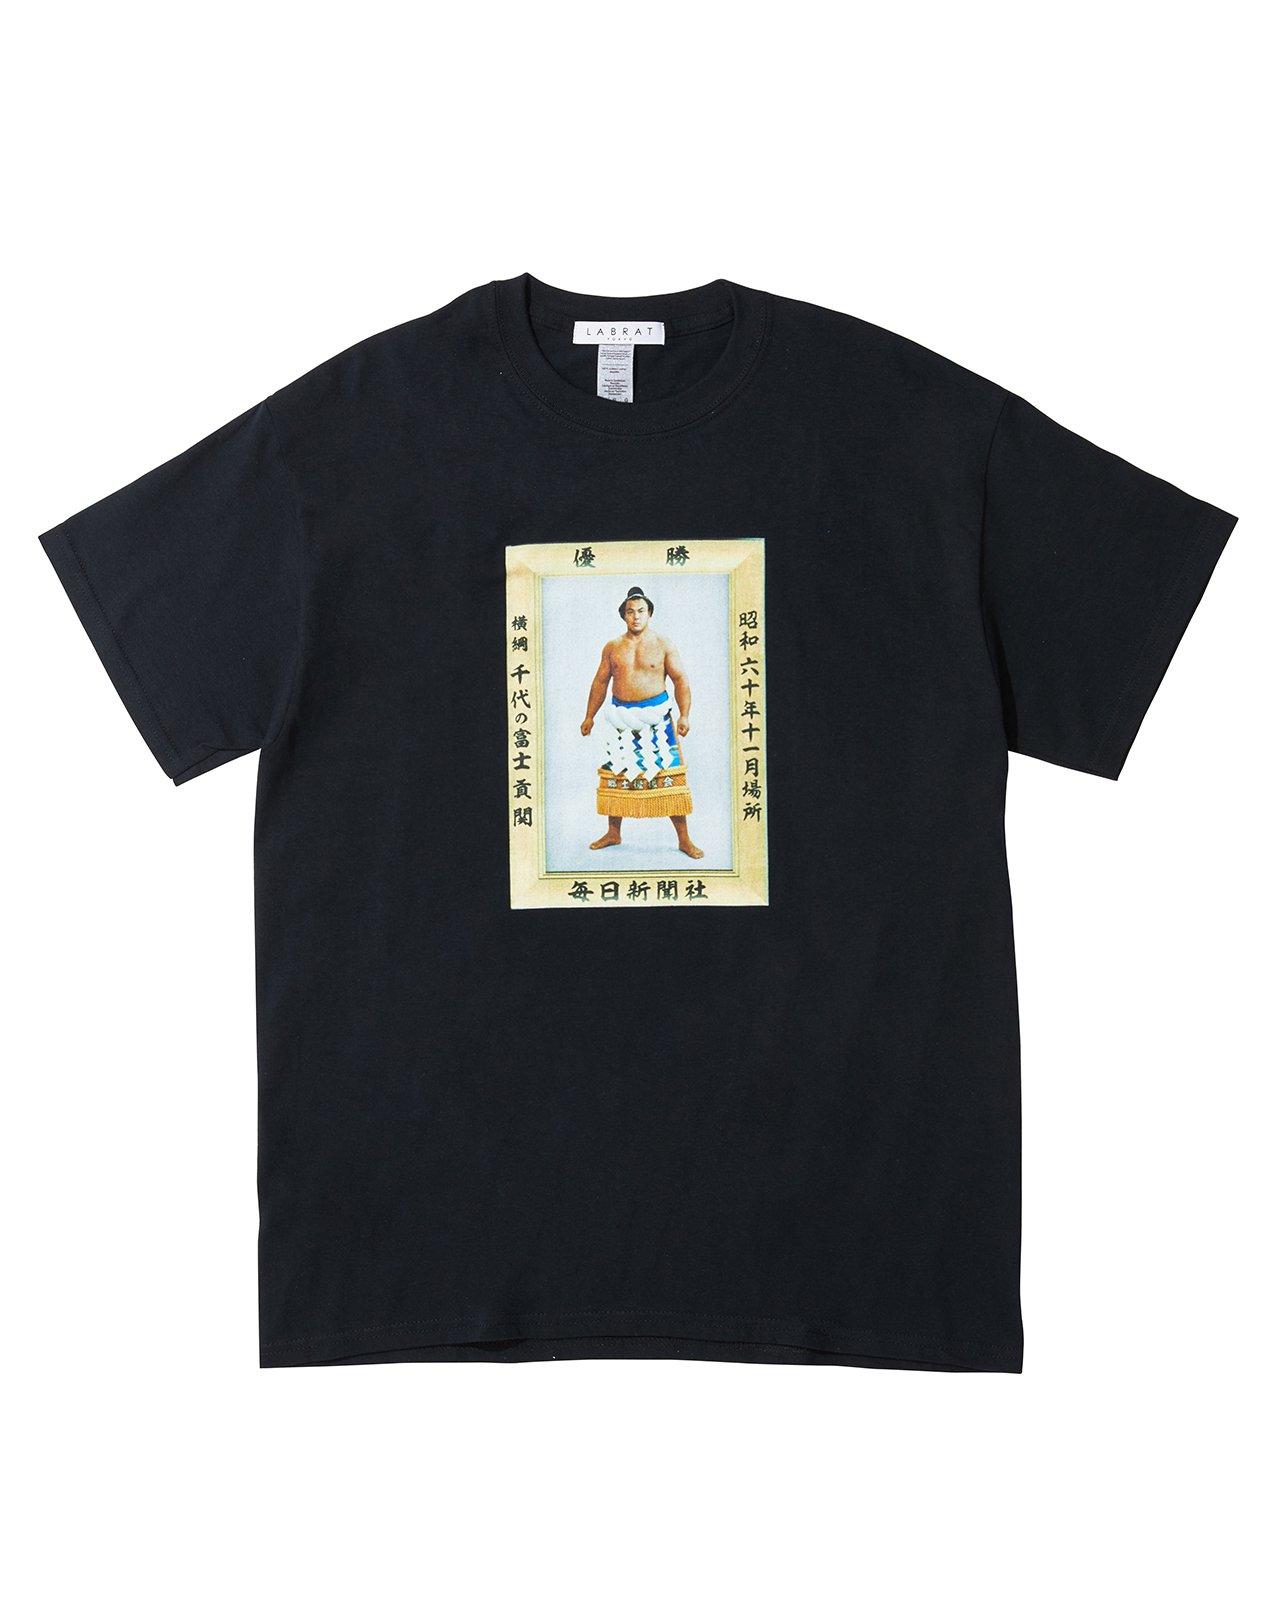 千代の富士 for LABRAT JR両国駅限定販売 Tシャツ(BLACK)(size: 2XL, 3XL)